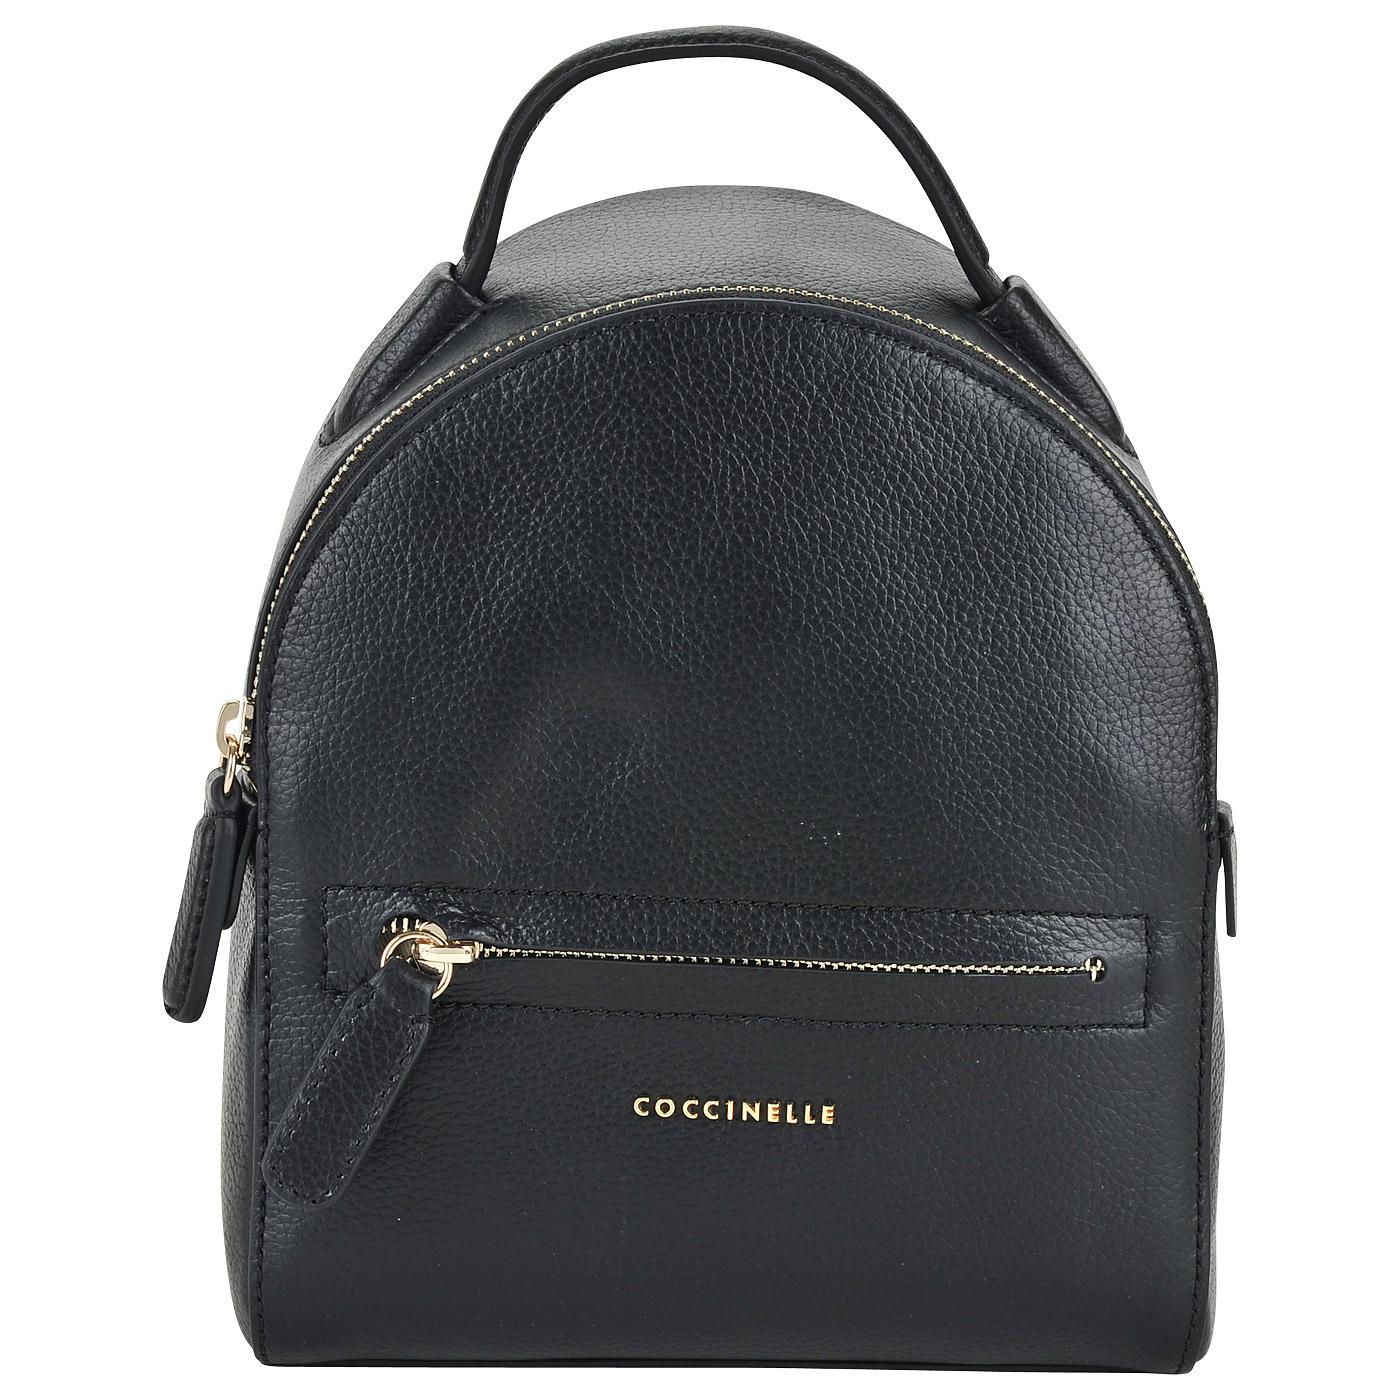 2ec20e284989 ... Маленький женский рюкзак из натуральной кожи Coccinelle Clementine soft  ...